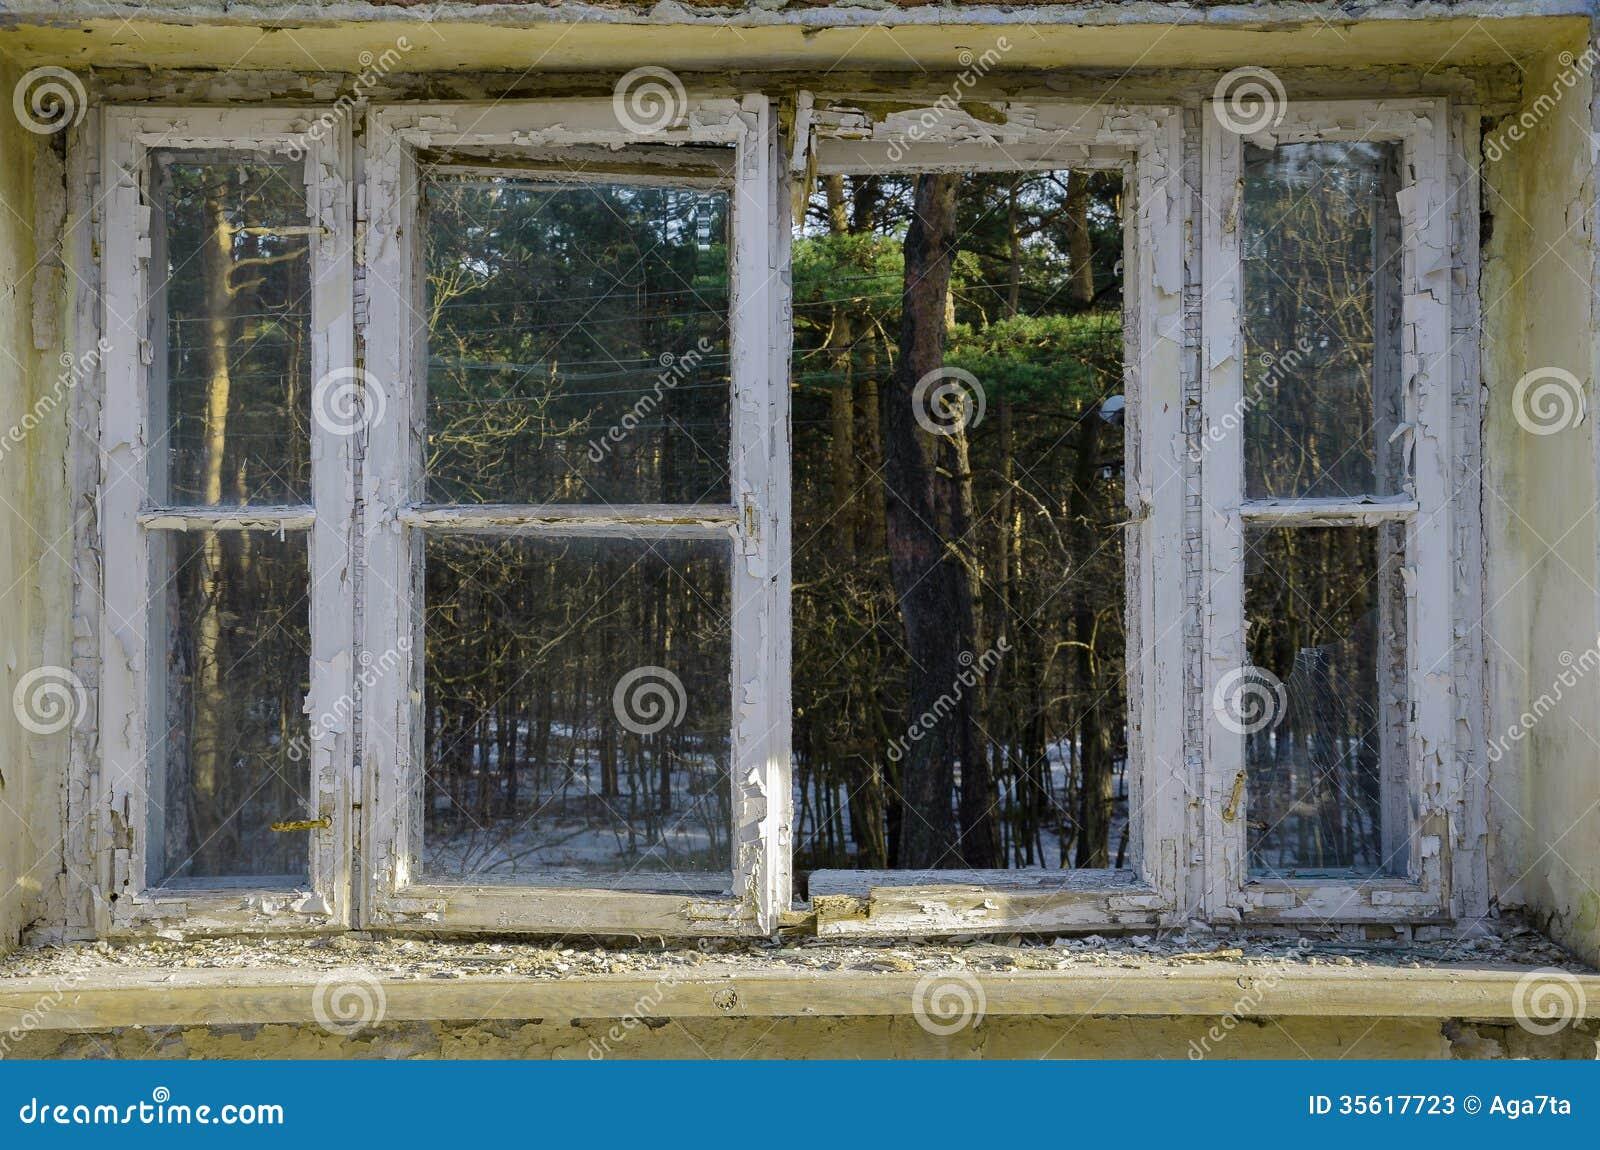 Offenes fenster von außen  Offenes Fenster - Von Der Außenseite Oder Von Innen Stockfotos ...